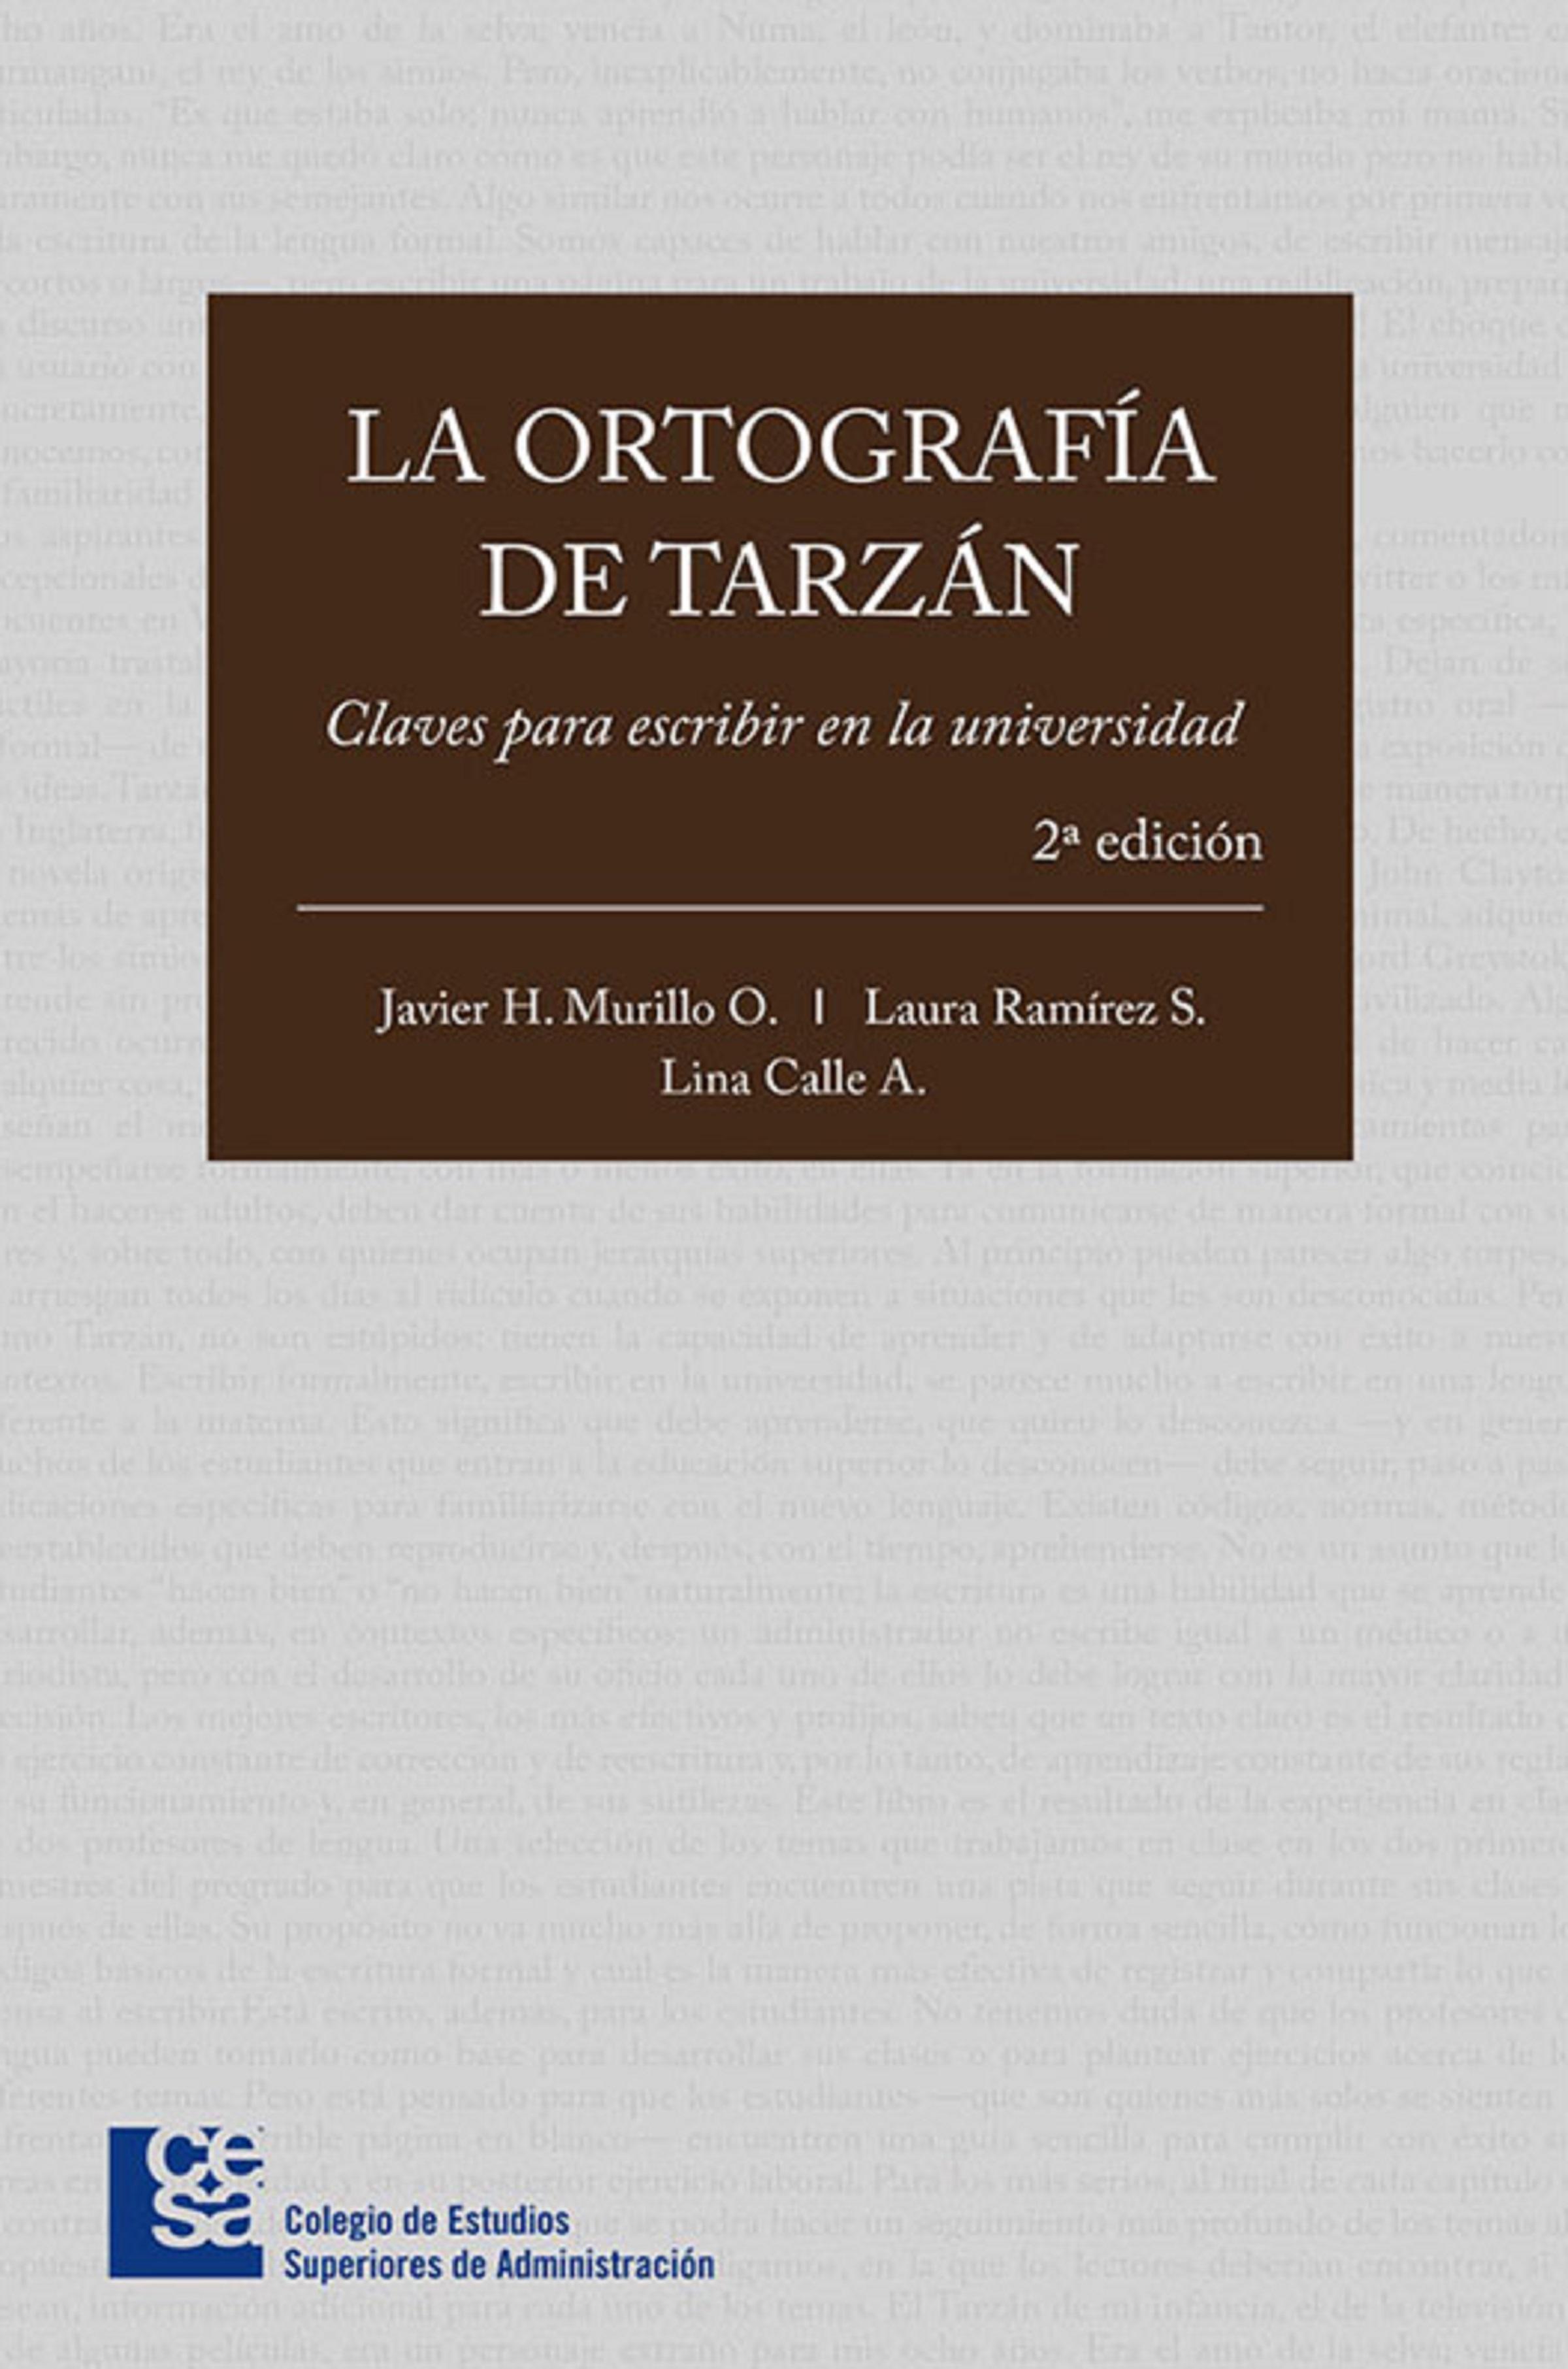 Javier H. Murillo La ortografía de Tarzán